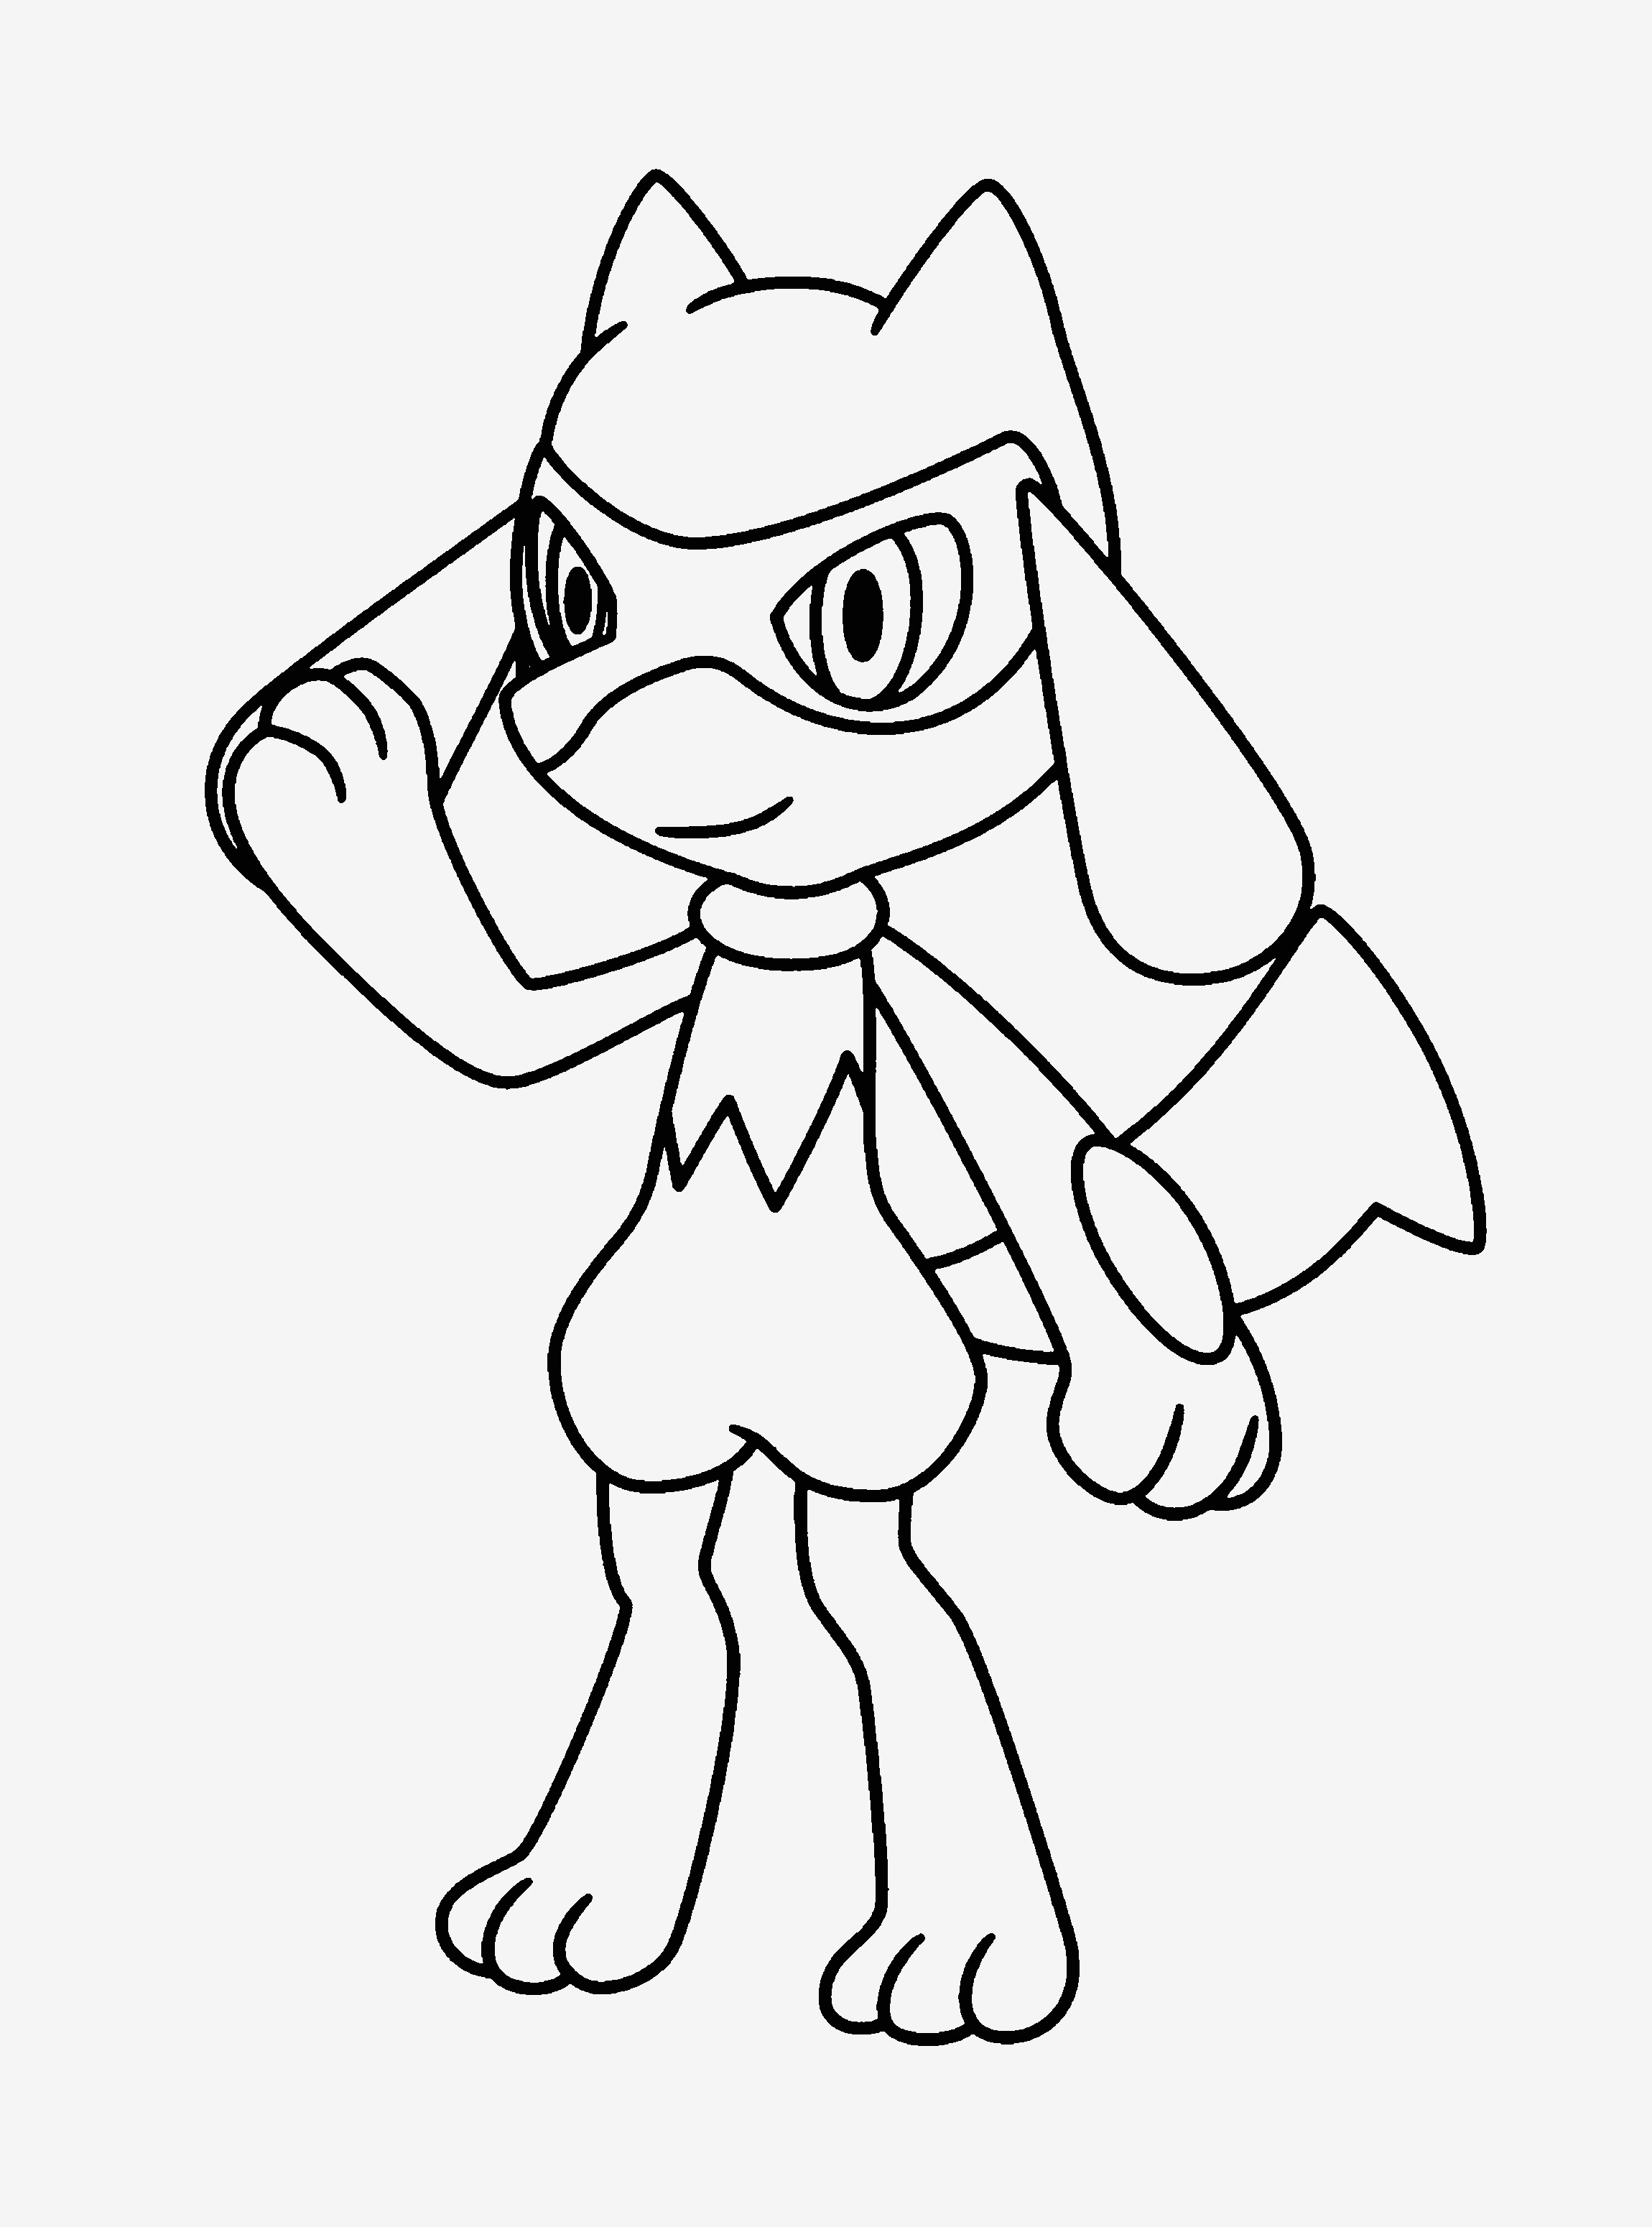 Pokemon Bilder Zum Ausmalen Frisch Spannende Coloring Bilder Ausmalbilder Pokemon Pikachu Stock